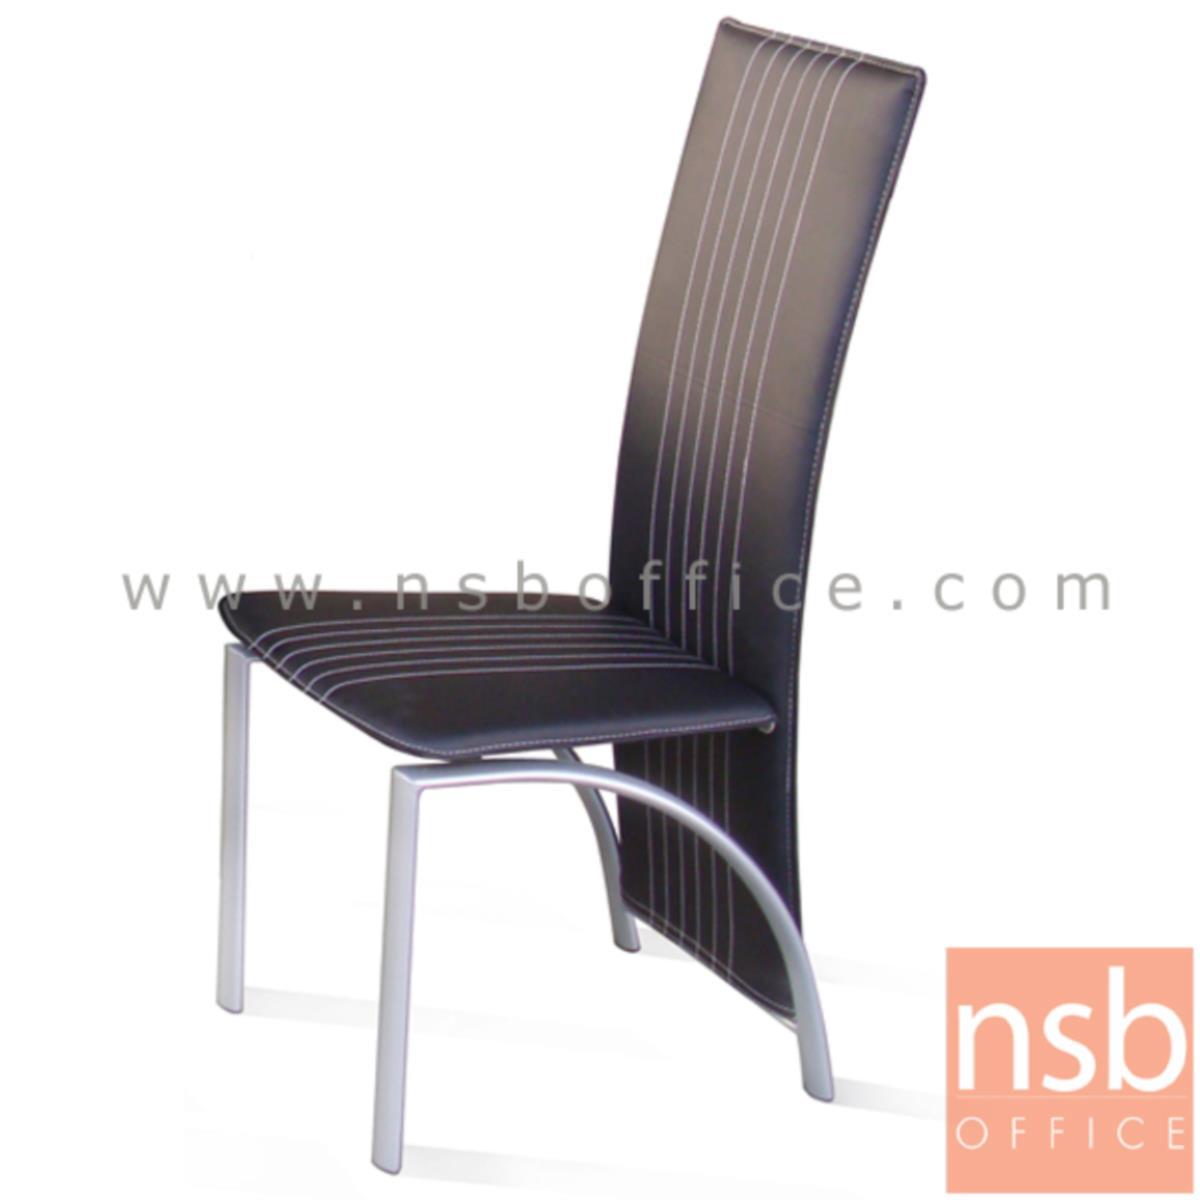 B20A013:เก้าอี้อเนกประสงค์ รุ่น Kimmel (คิมเมล)  ขาเหล็กพ่นซิลเวอร์